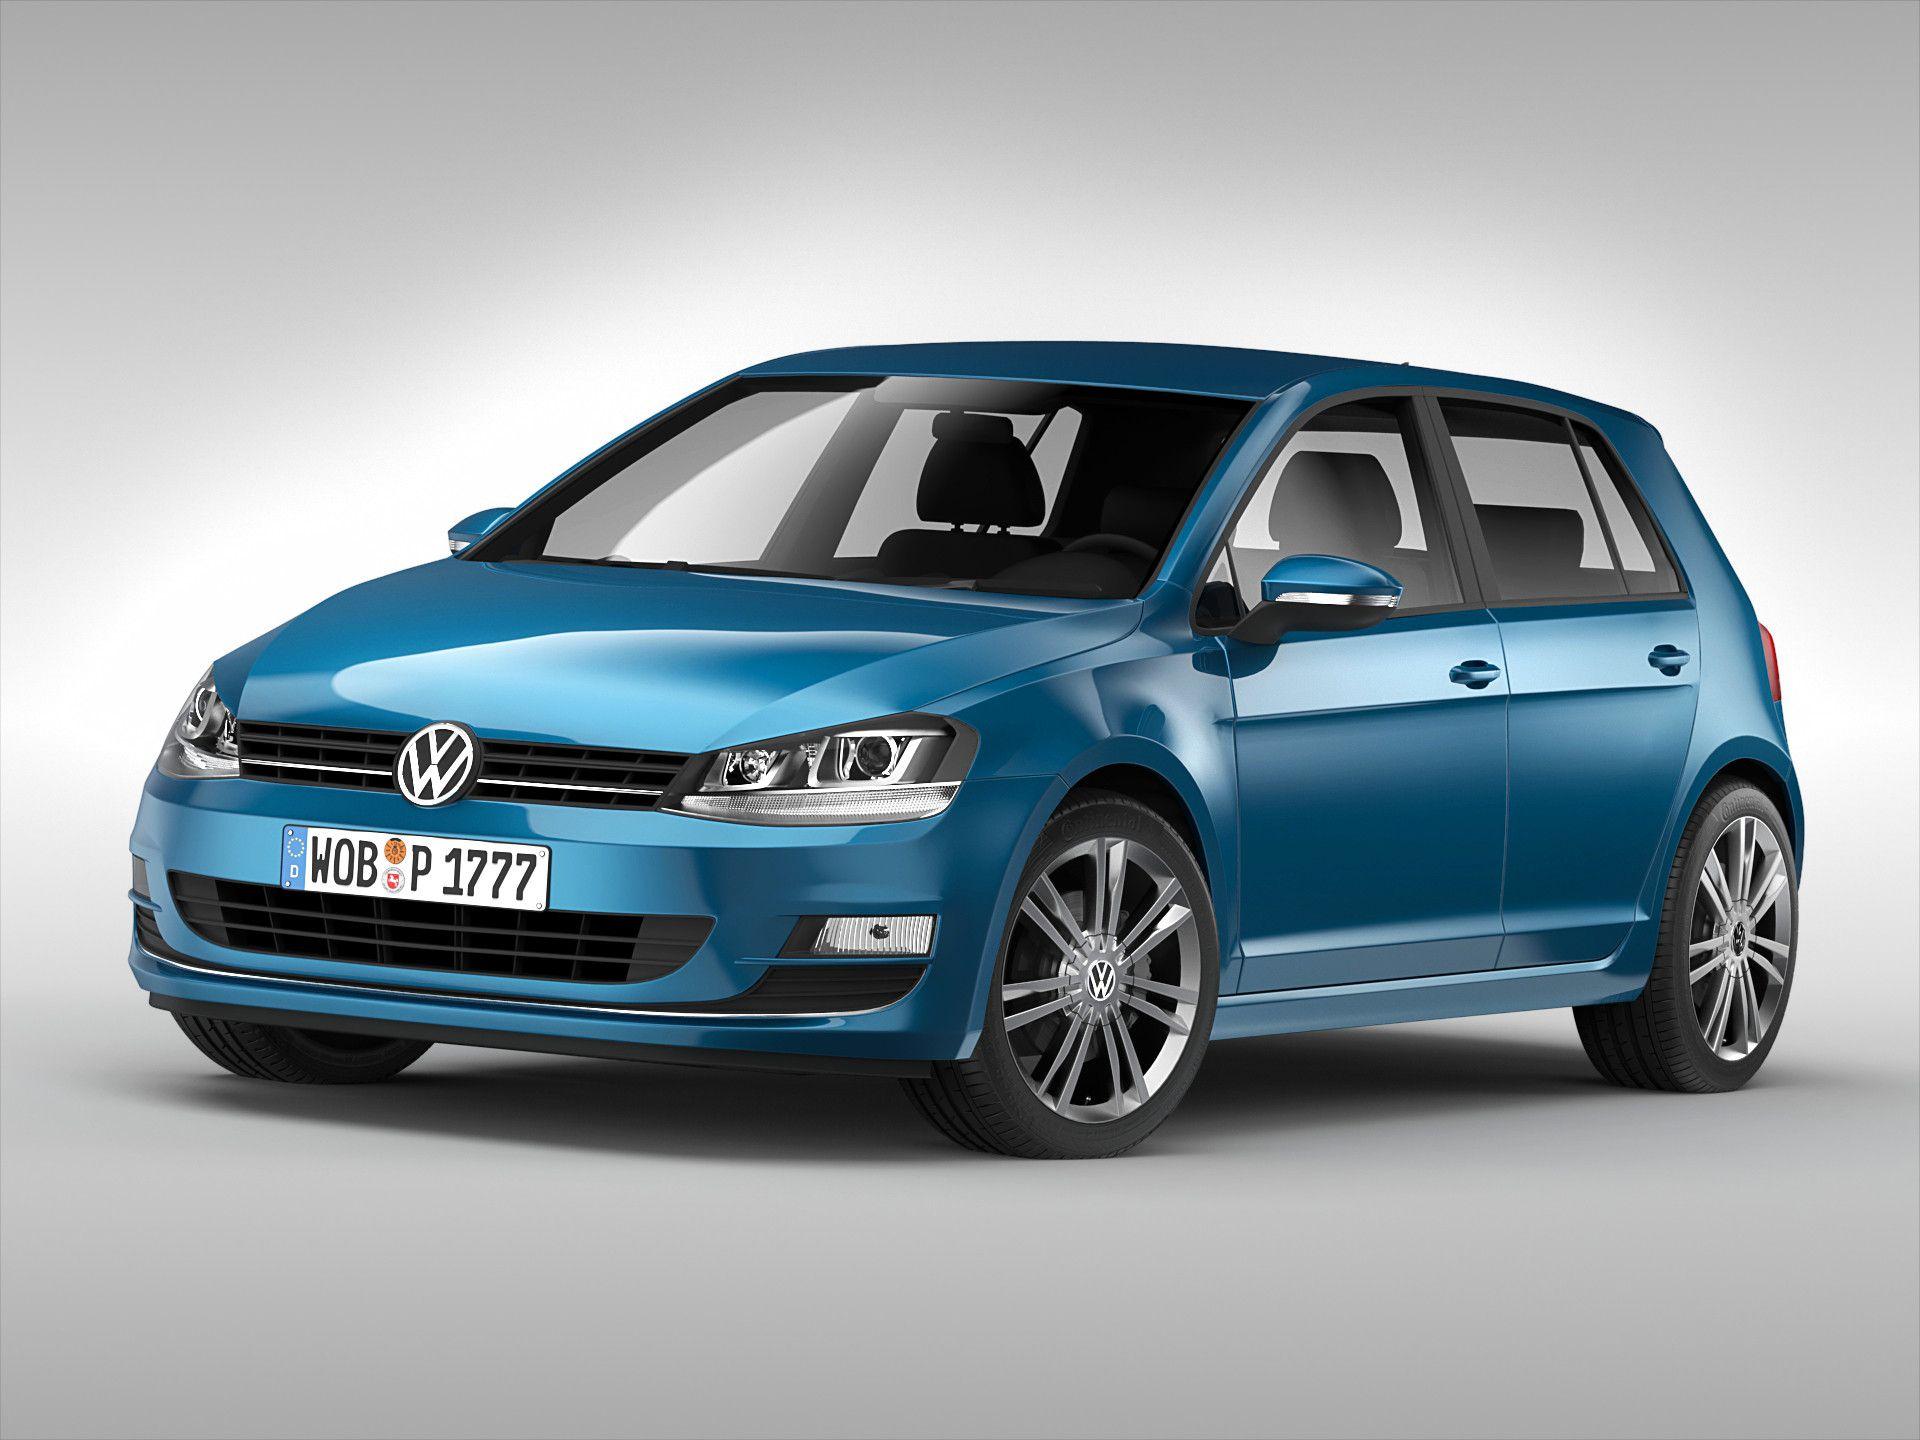 Obj Volkswagen Car - 3D Model | 3D-Modeling | Pinterest